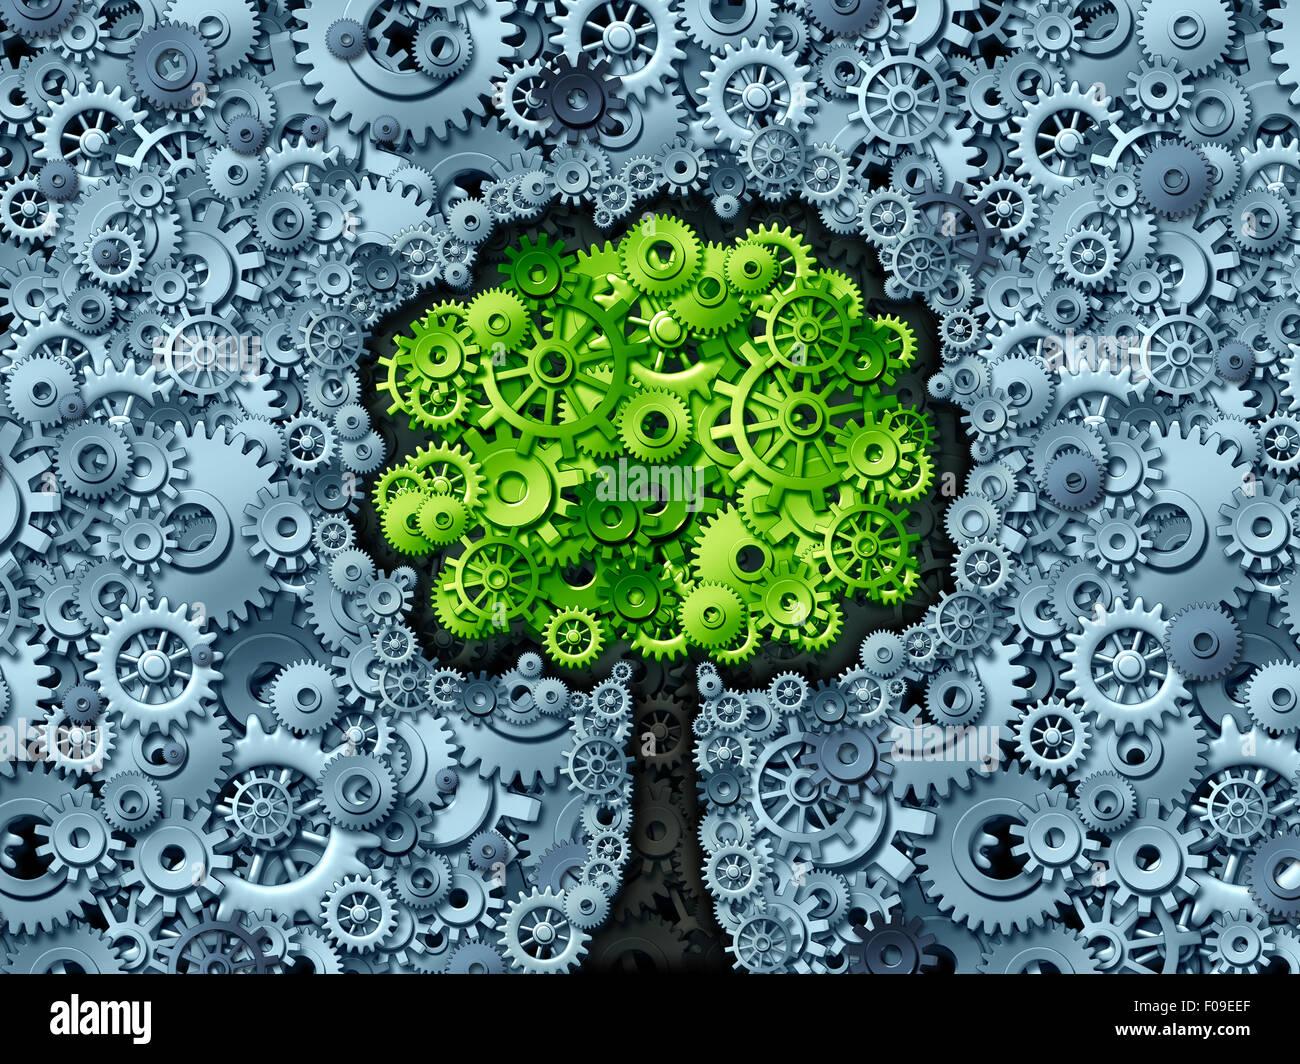 Geschäftskonzept Baum als Symbol für eine wachsende Wirtschaft und Industrie vertreten durch Maschine Stockbild